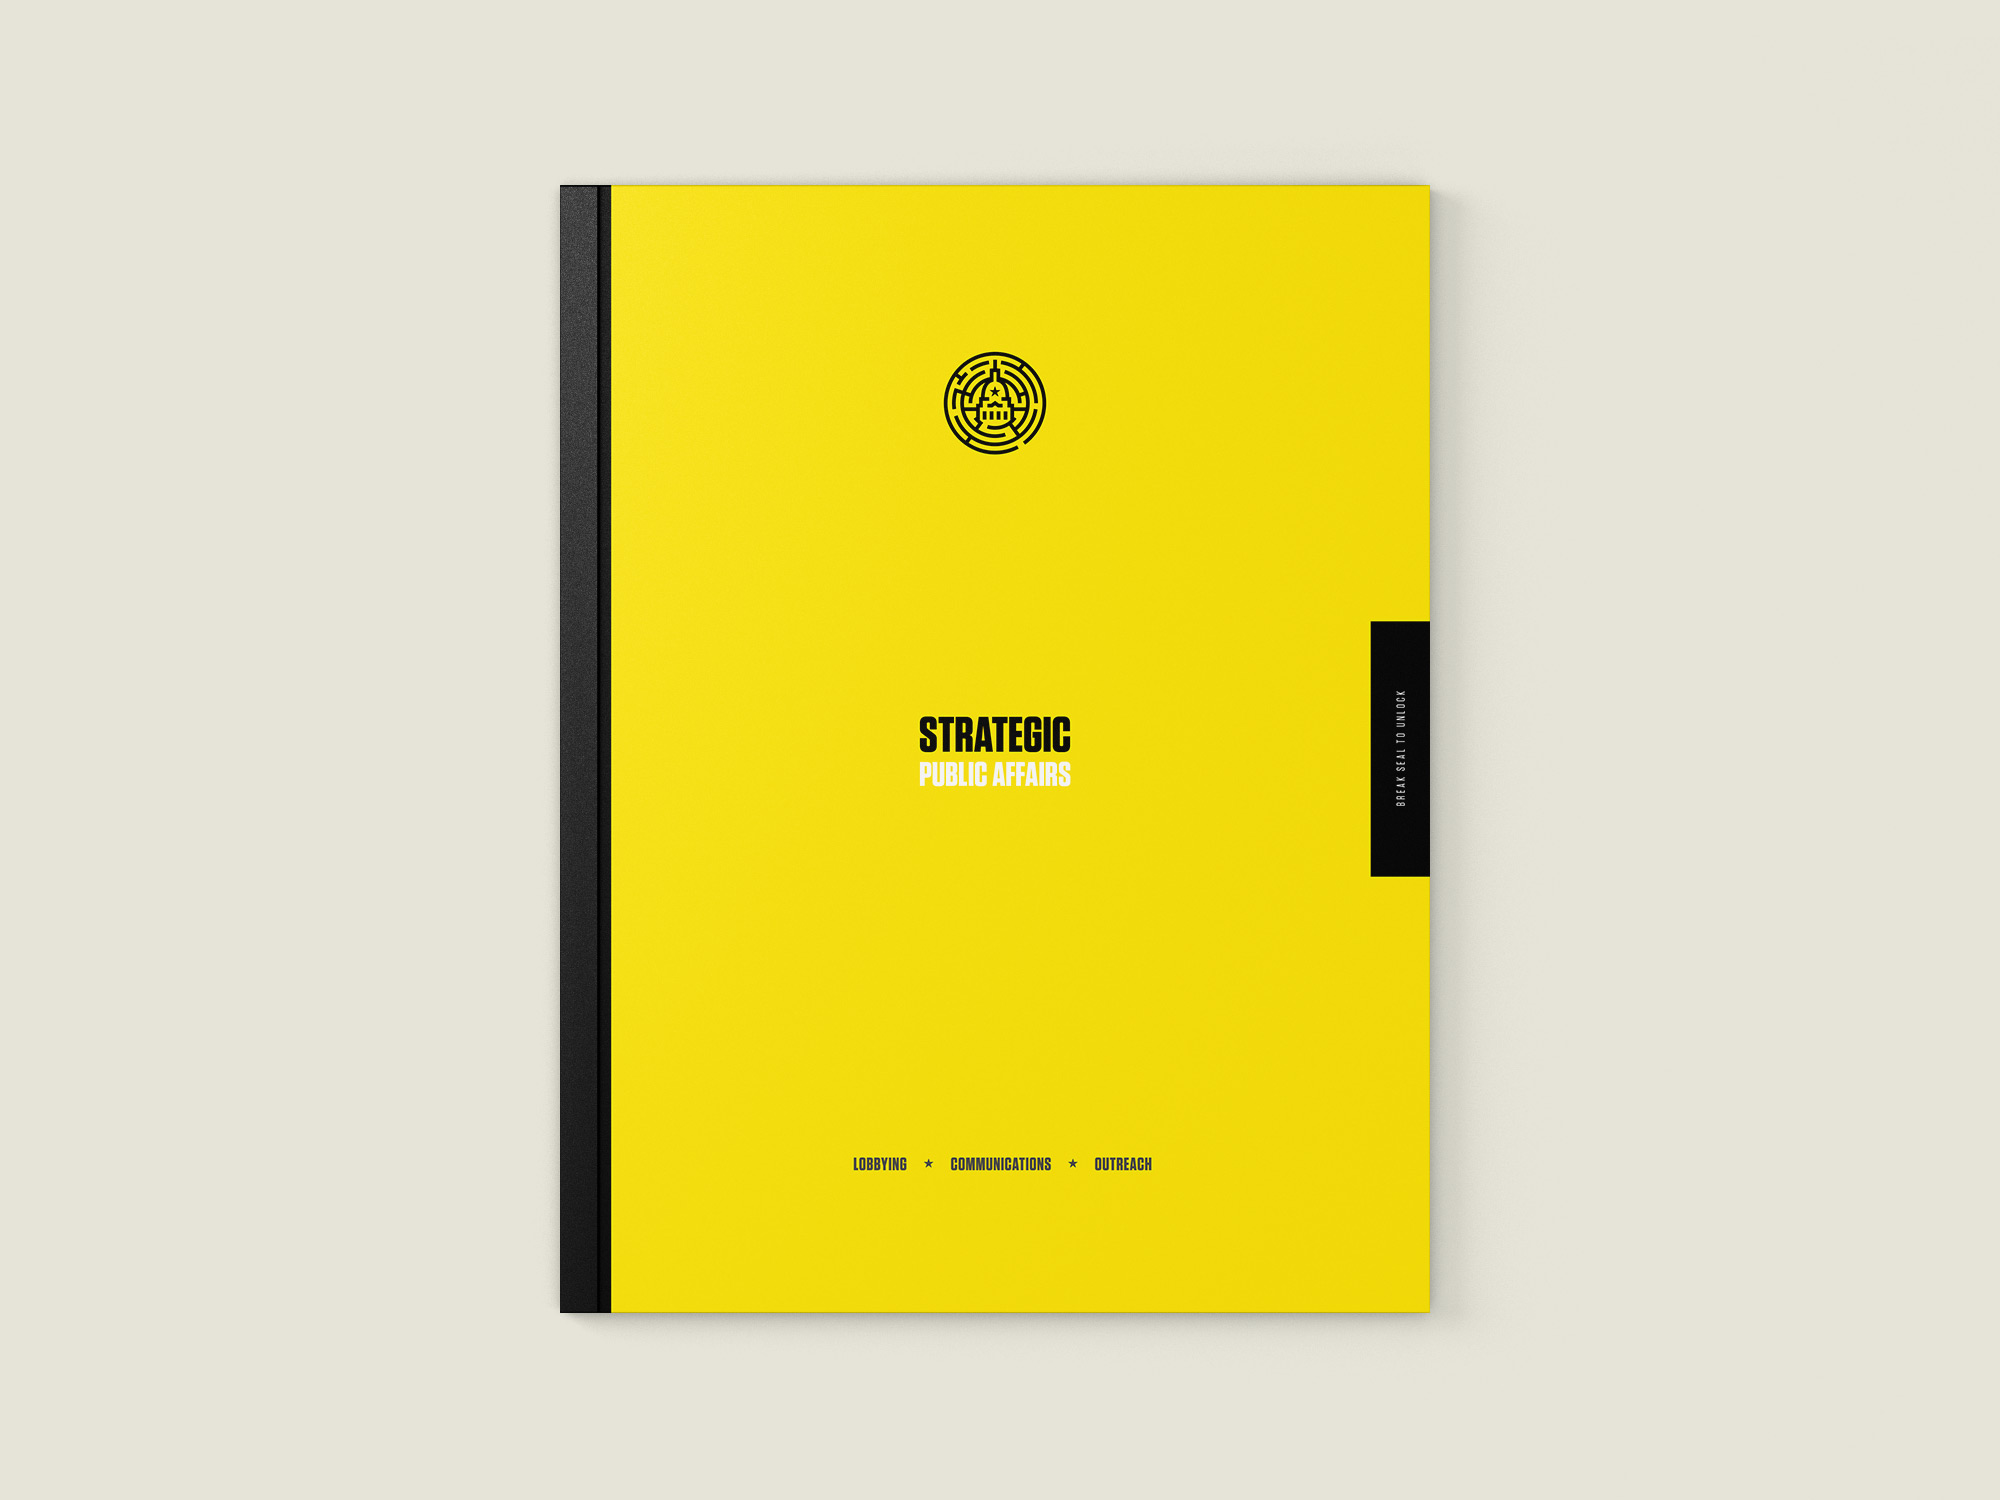 SPA_OJD_Brochure_cover_v1.1.jpg